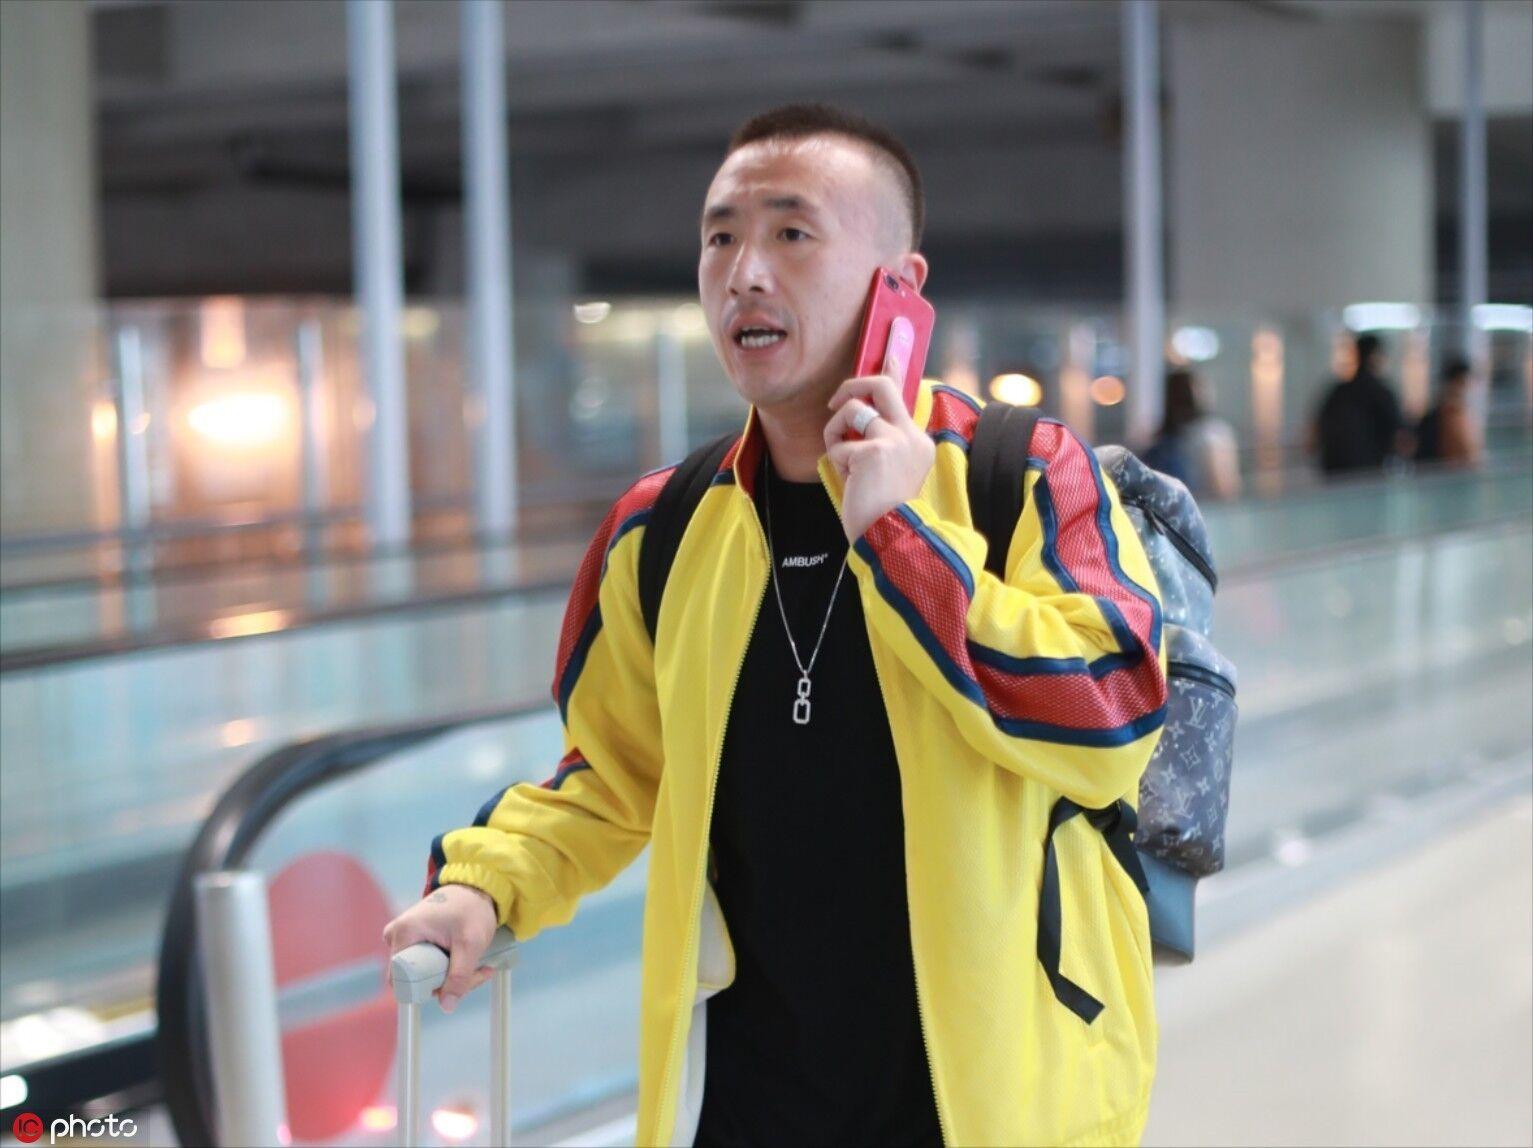 多图流:王永珀抵达上海,即将与申花会合